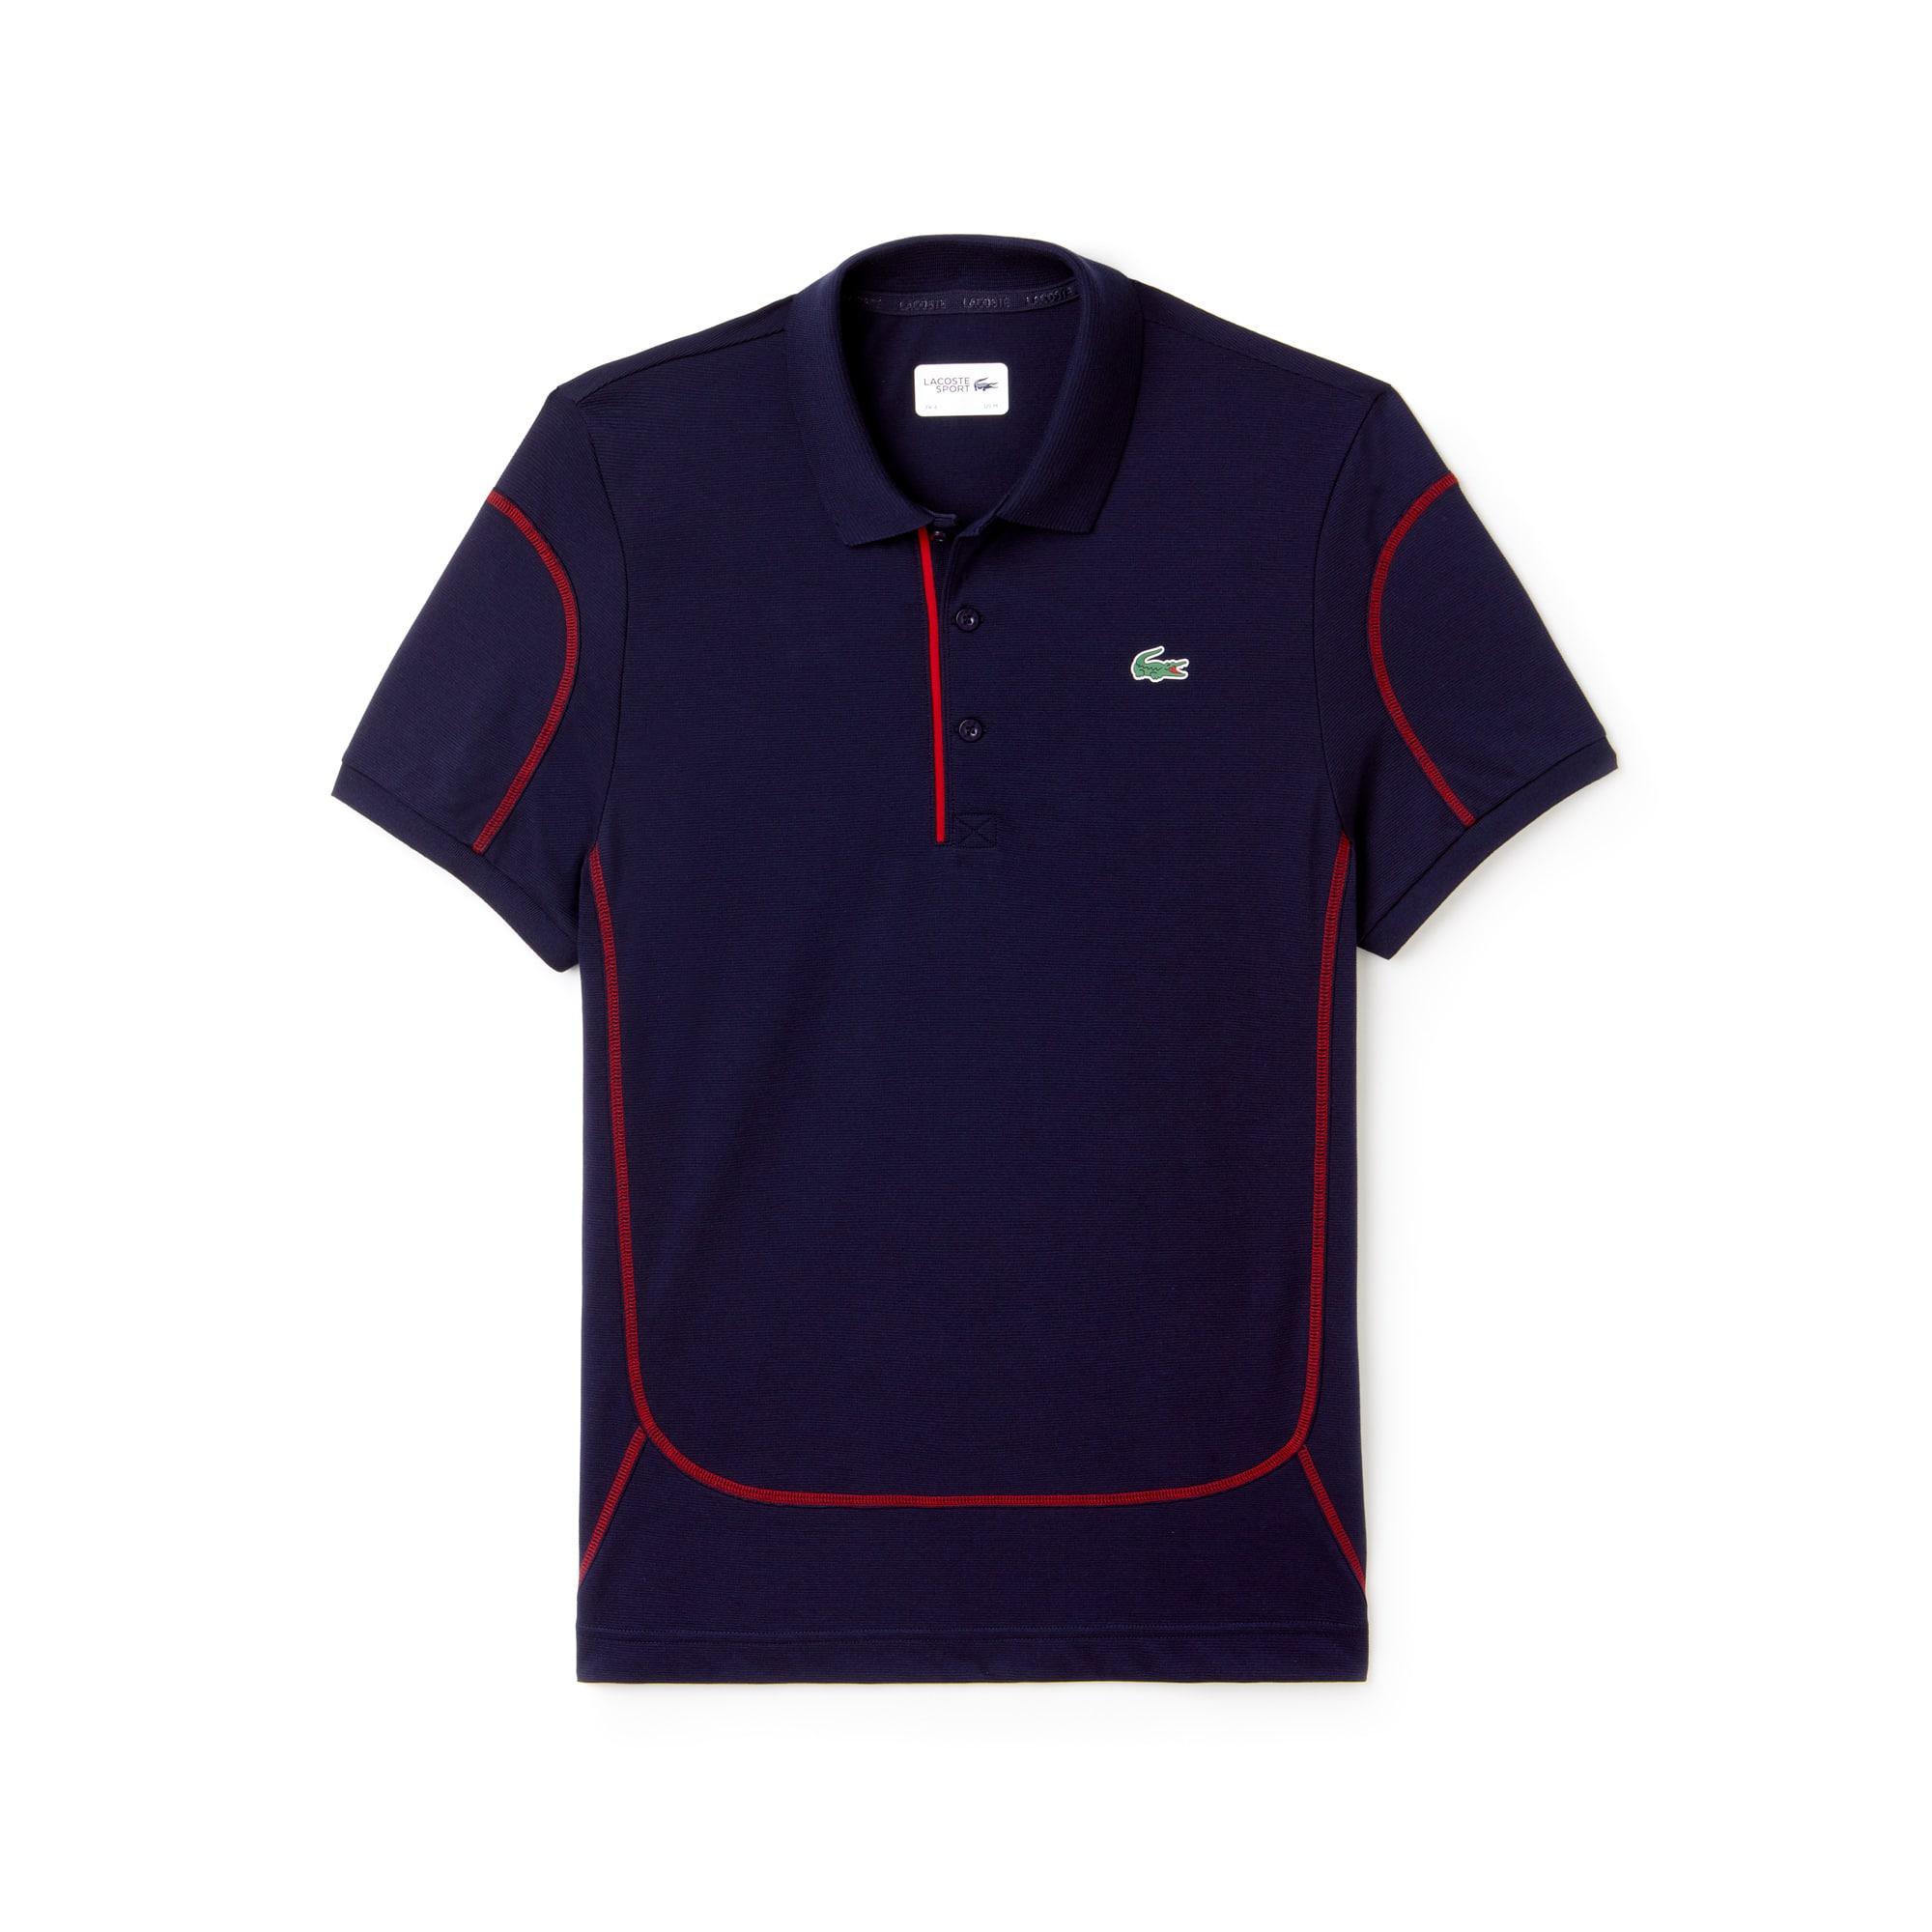 Polo Tennis Lacoste SPORT em algodão superleve com costuras a contrastar